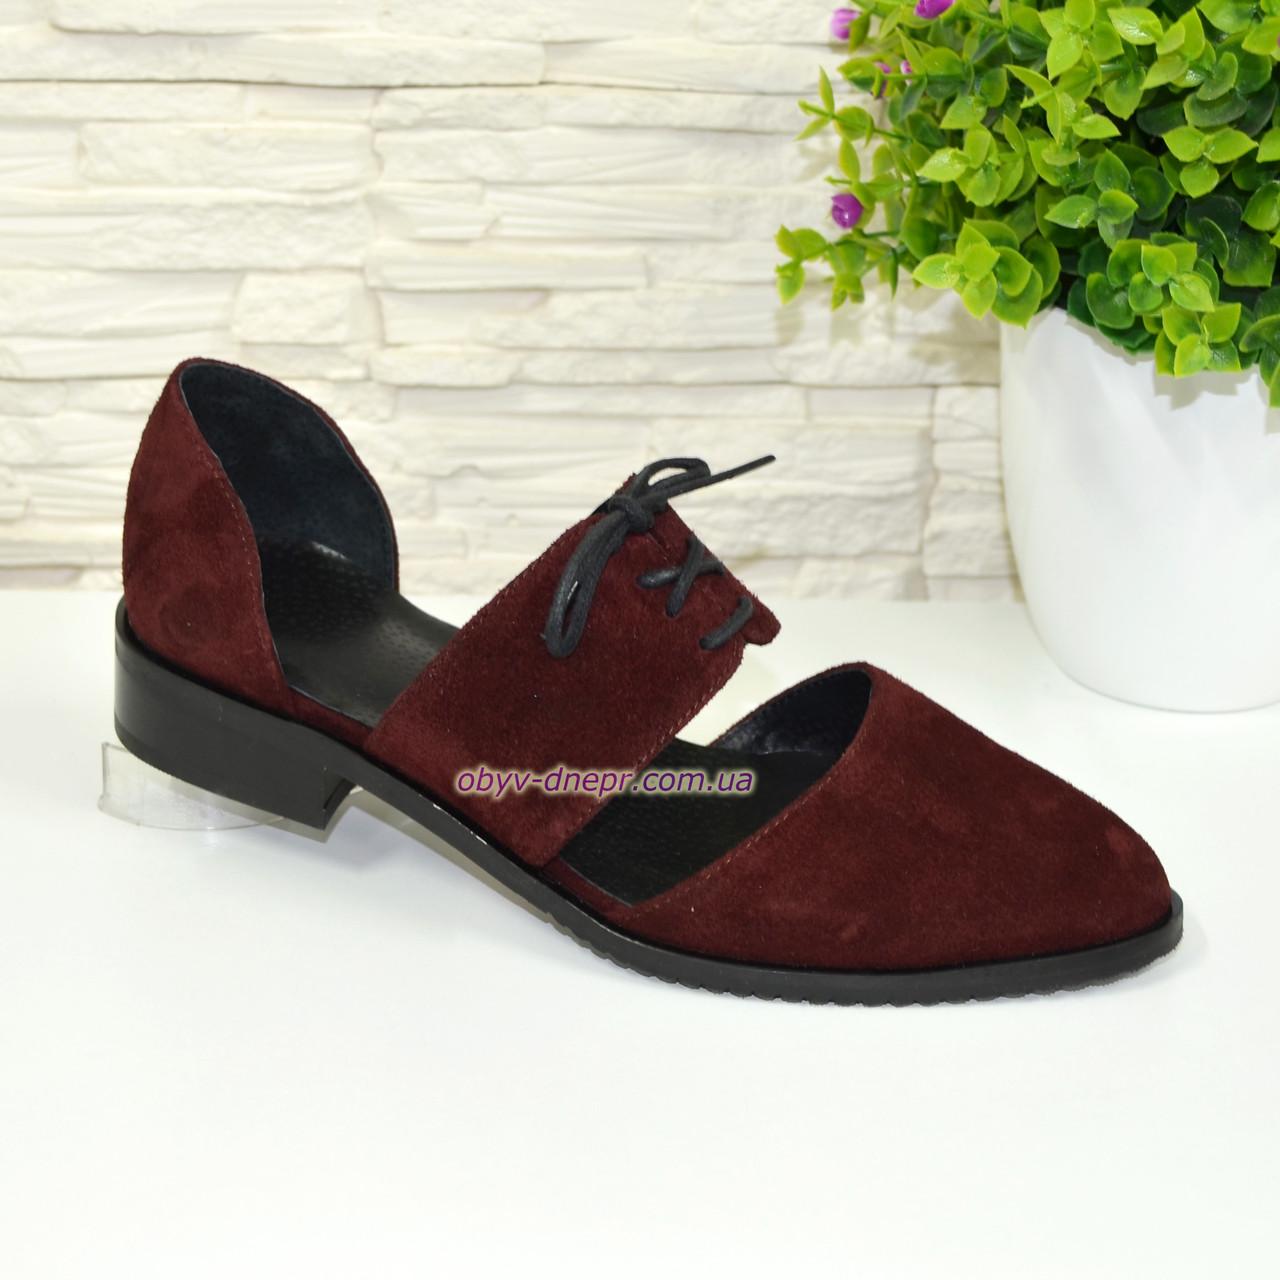 Стильные женские замшевые туфли на низком ходу, цвет бордо